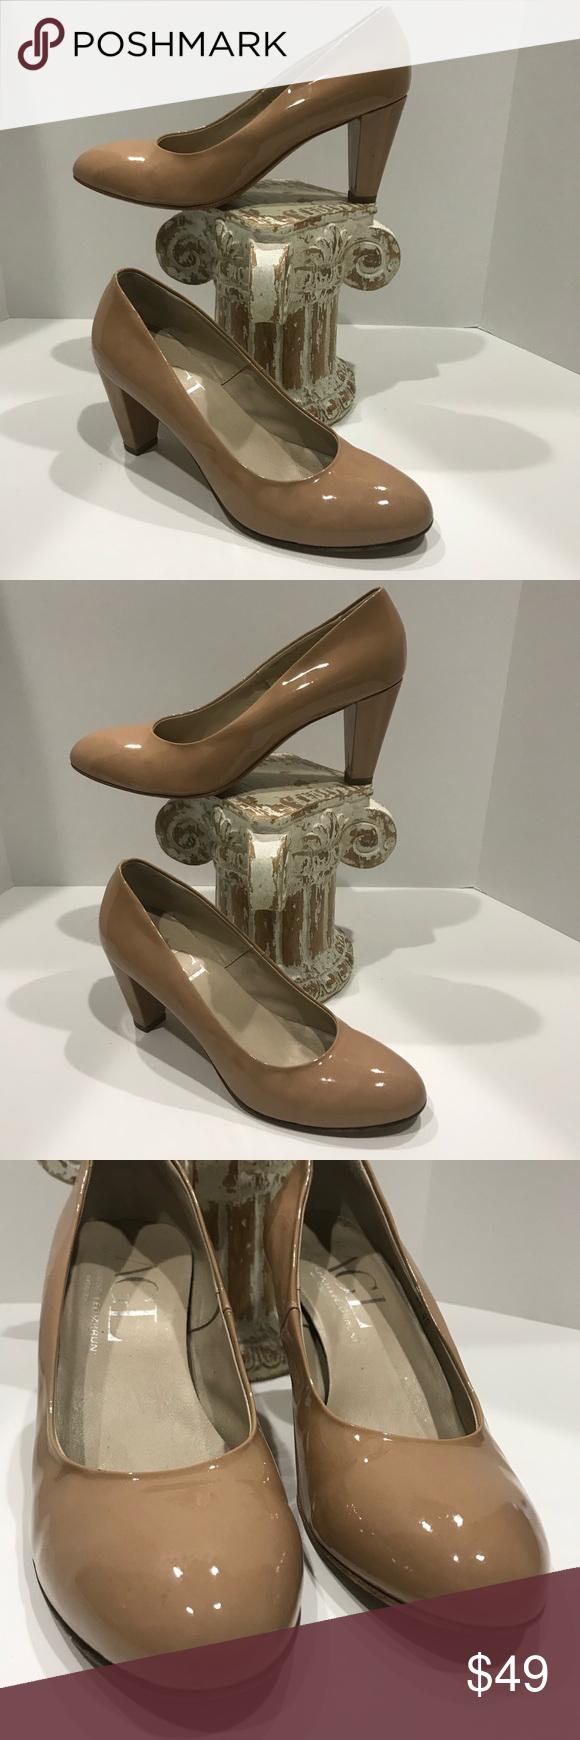 Agl attilio giusti leombruni Lace-up Shoes in White | Lyst